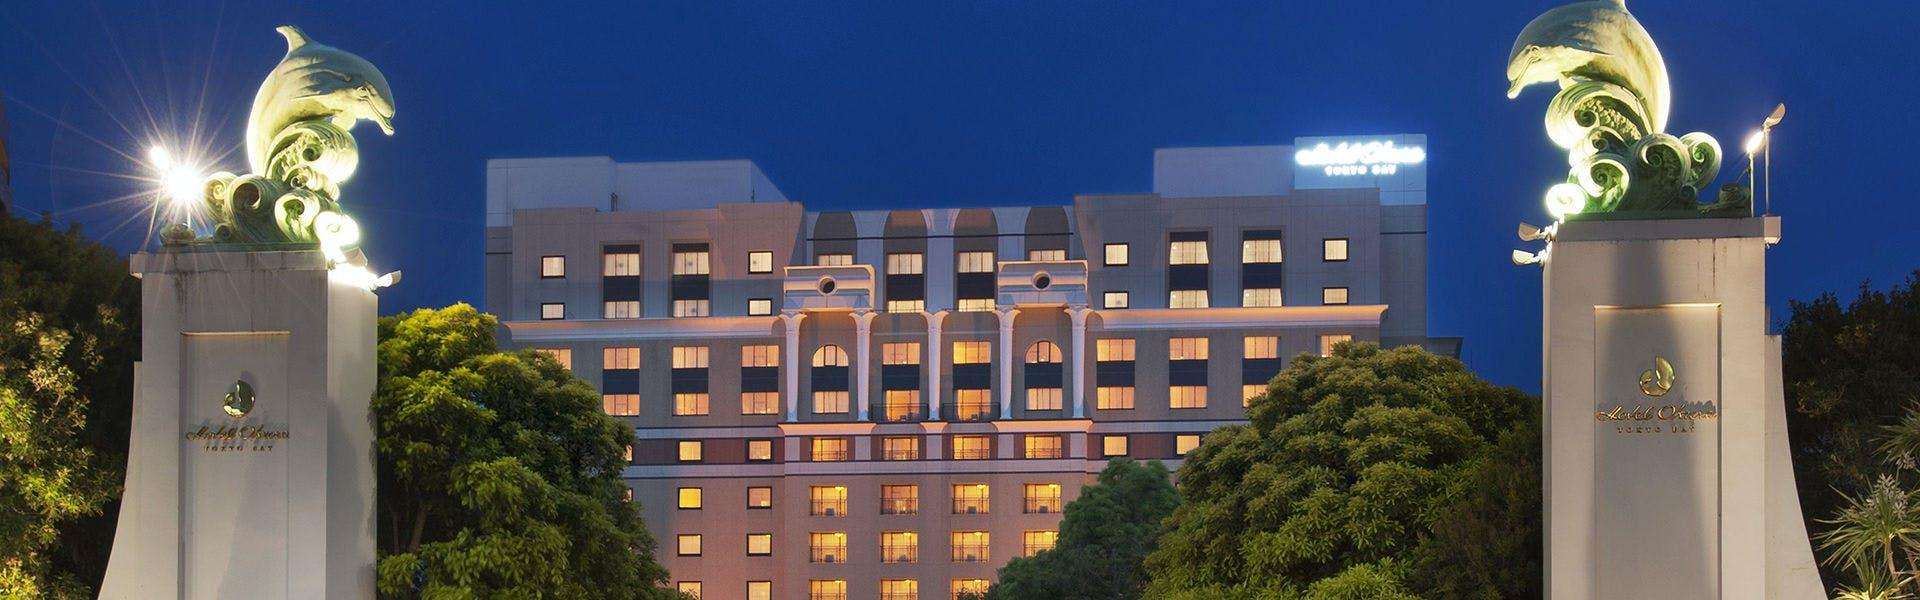 浦安市のおすすめホテル・旅館 宿泊予約は [一休]